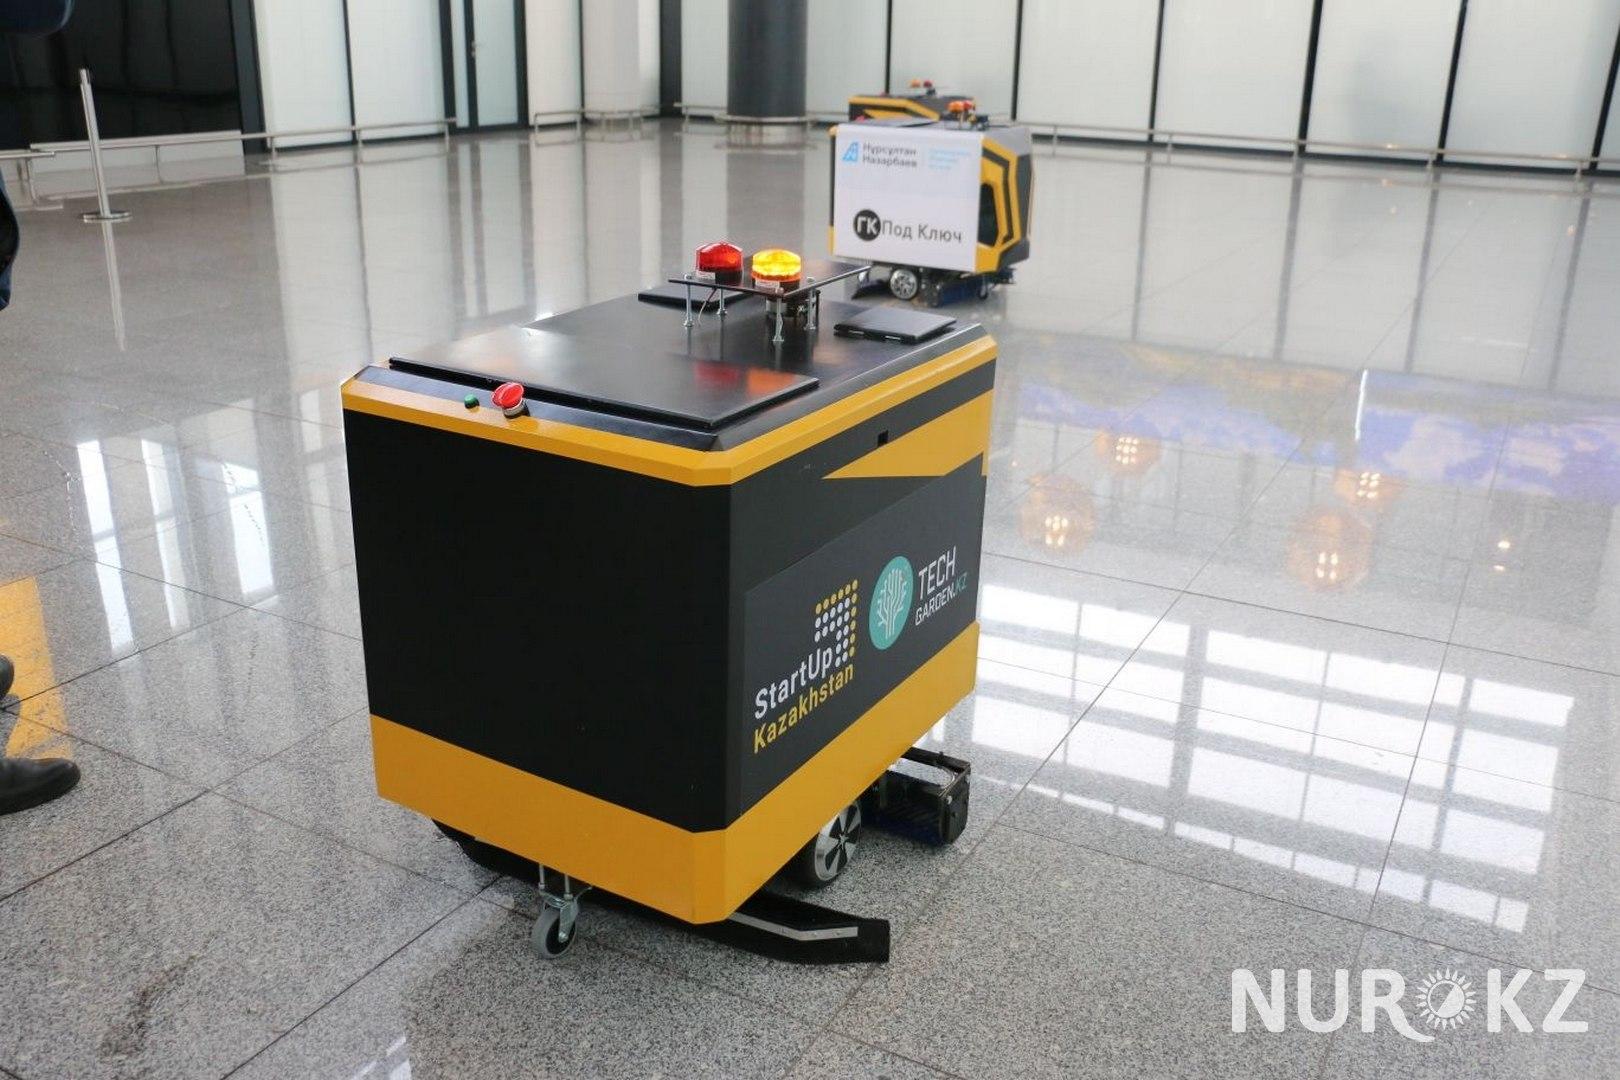 Робота-уборщика за 2,5 млн тенге наняли в аэропорт Нурсултан Назарбаев